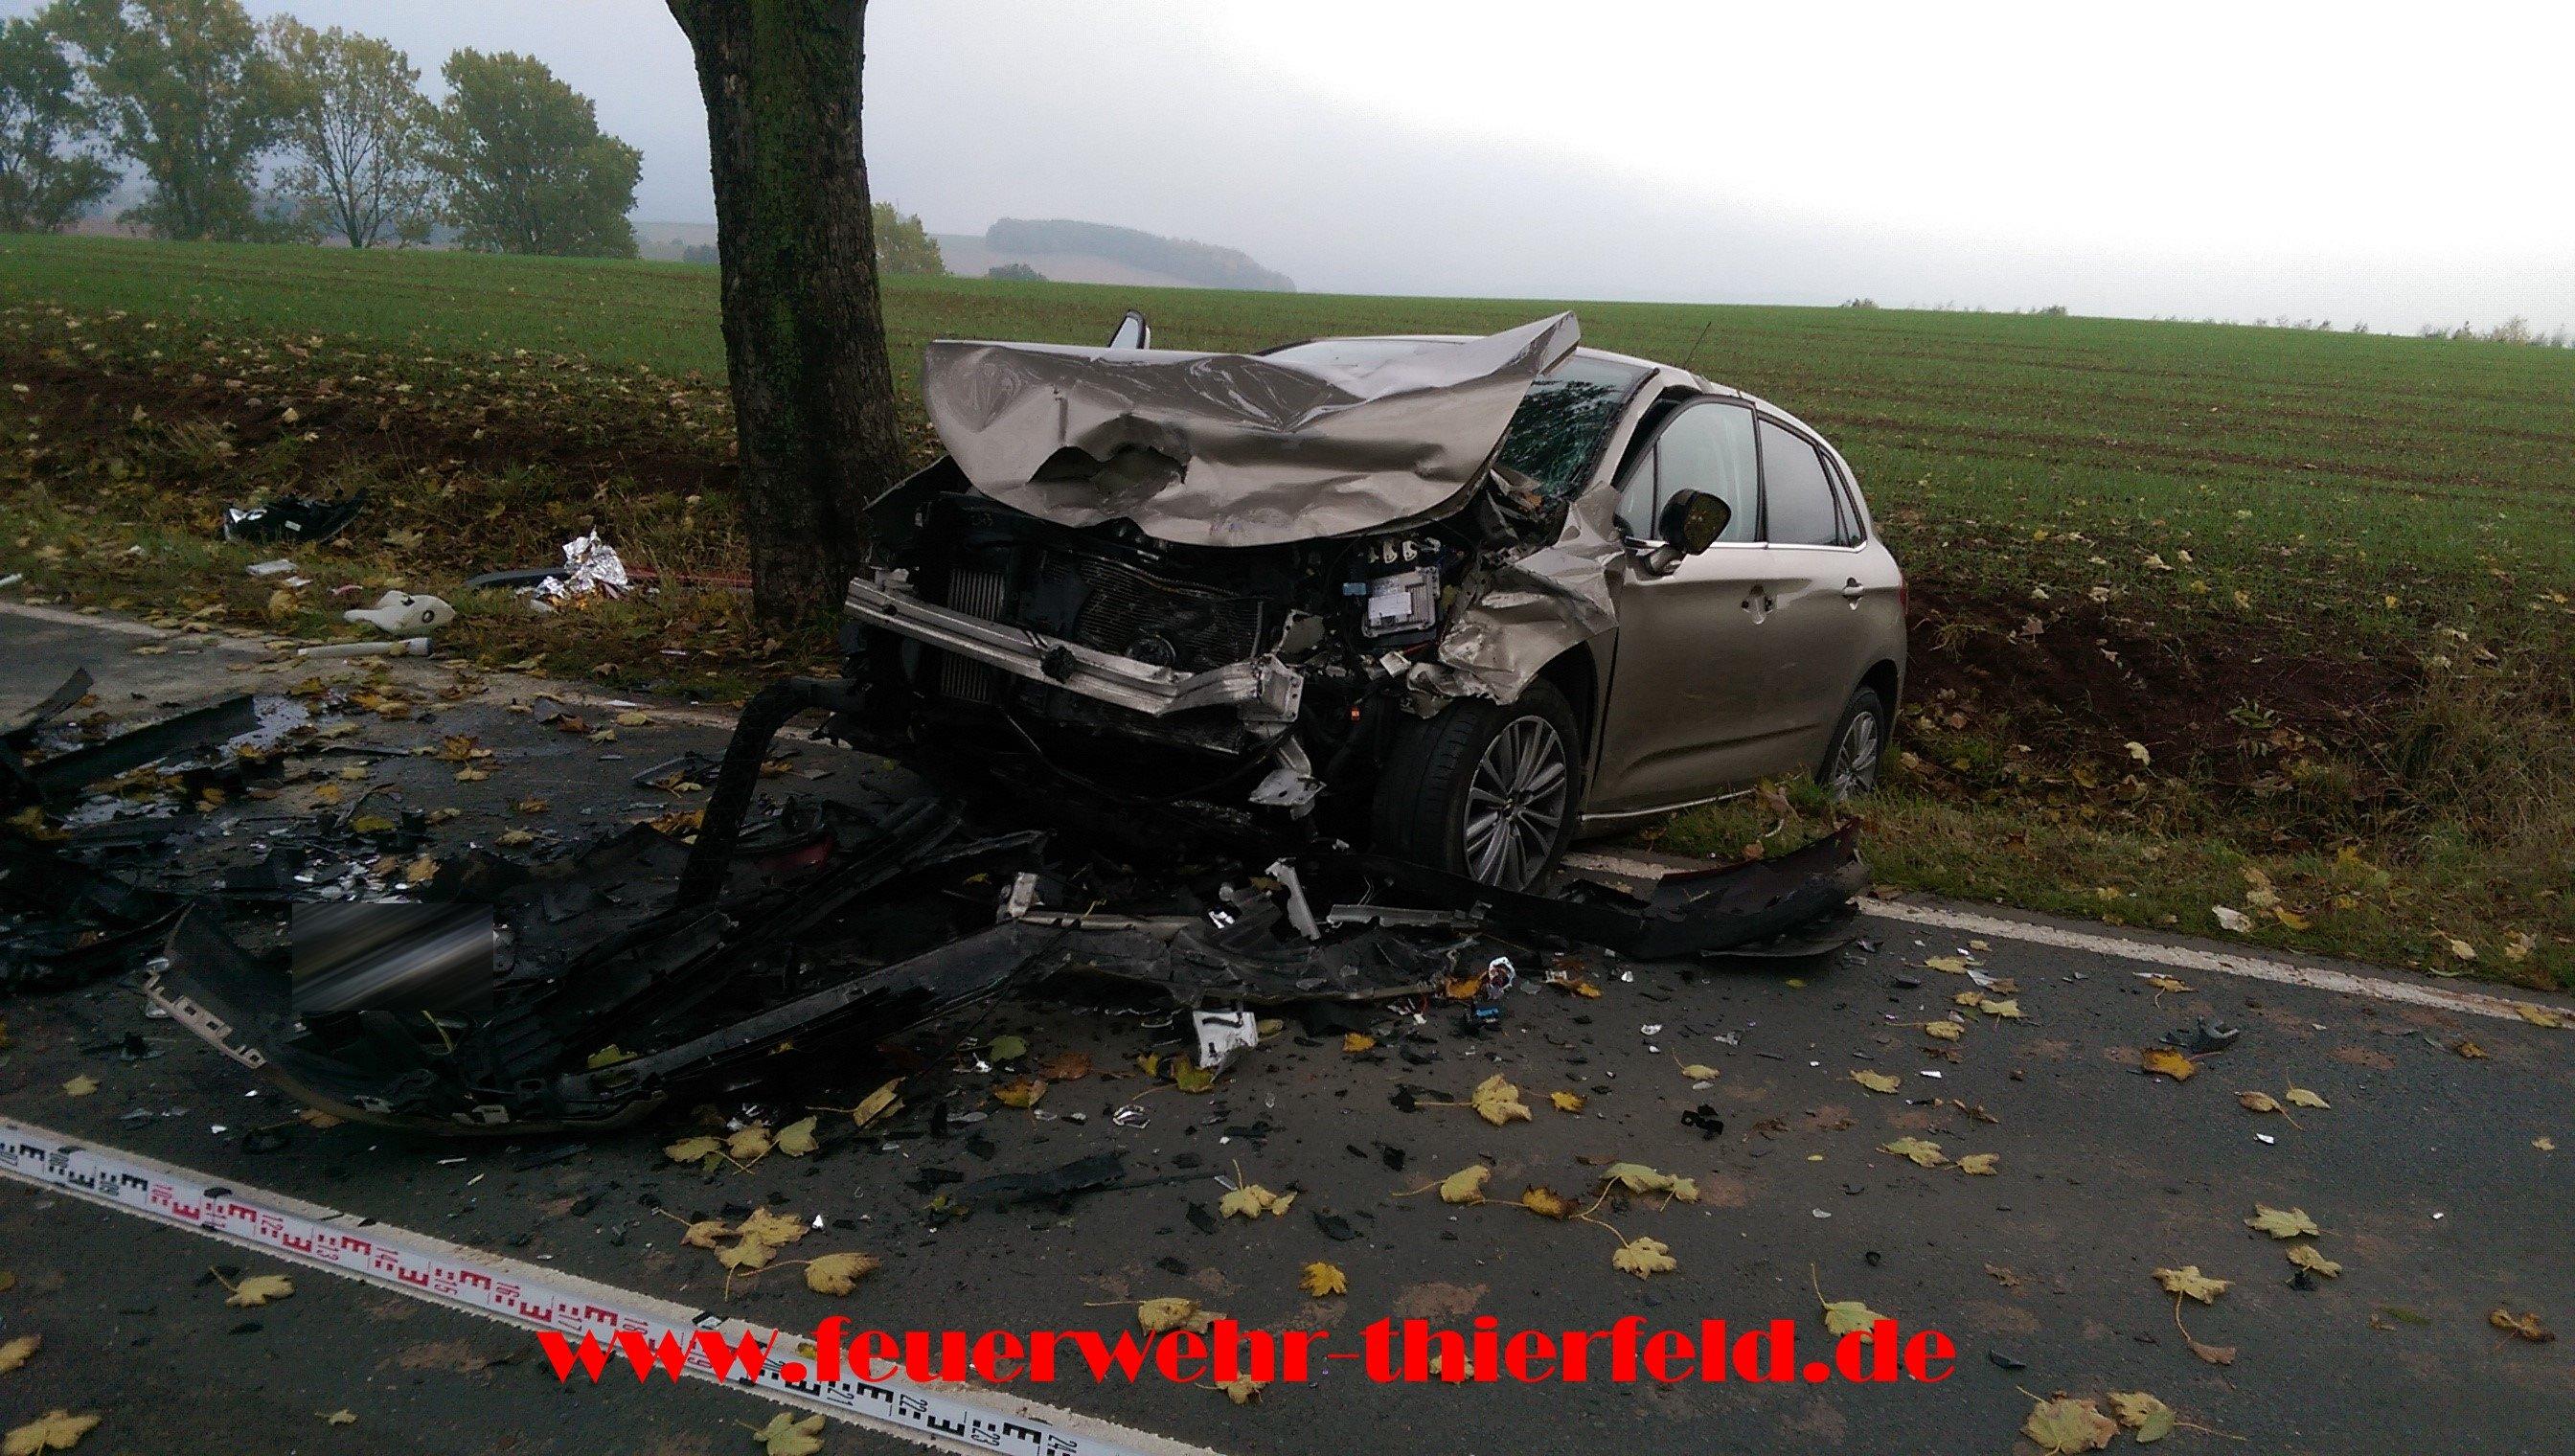 Einsatz 13: Verkehrsunfall, eingeklemmte Person